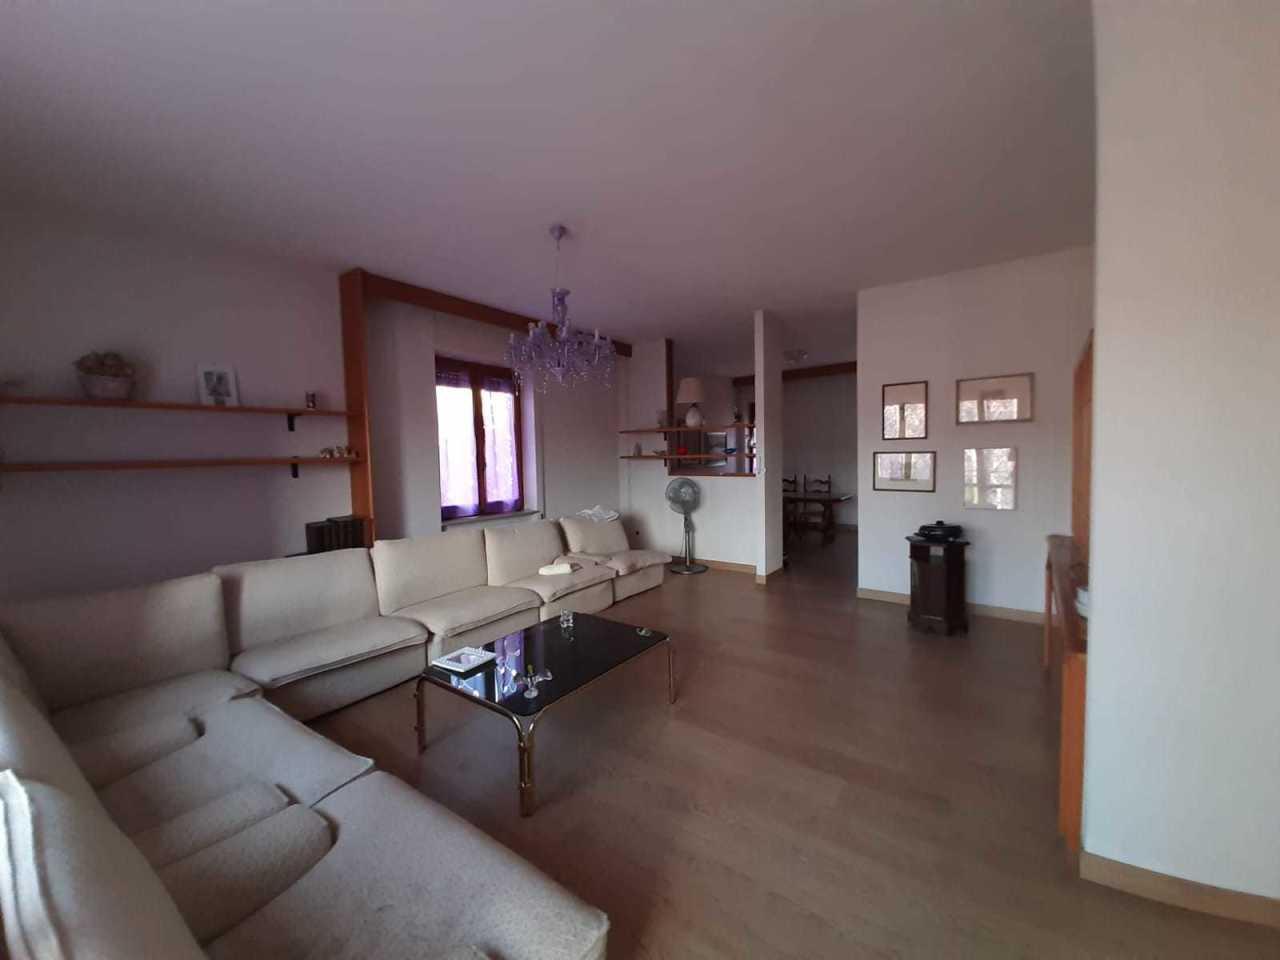 Appartamento in affitto a Avigliano Umbro, 8 locali, prezzo € 350   PortaleAgenzieImmobiliari.it